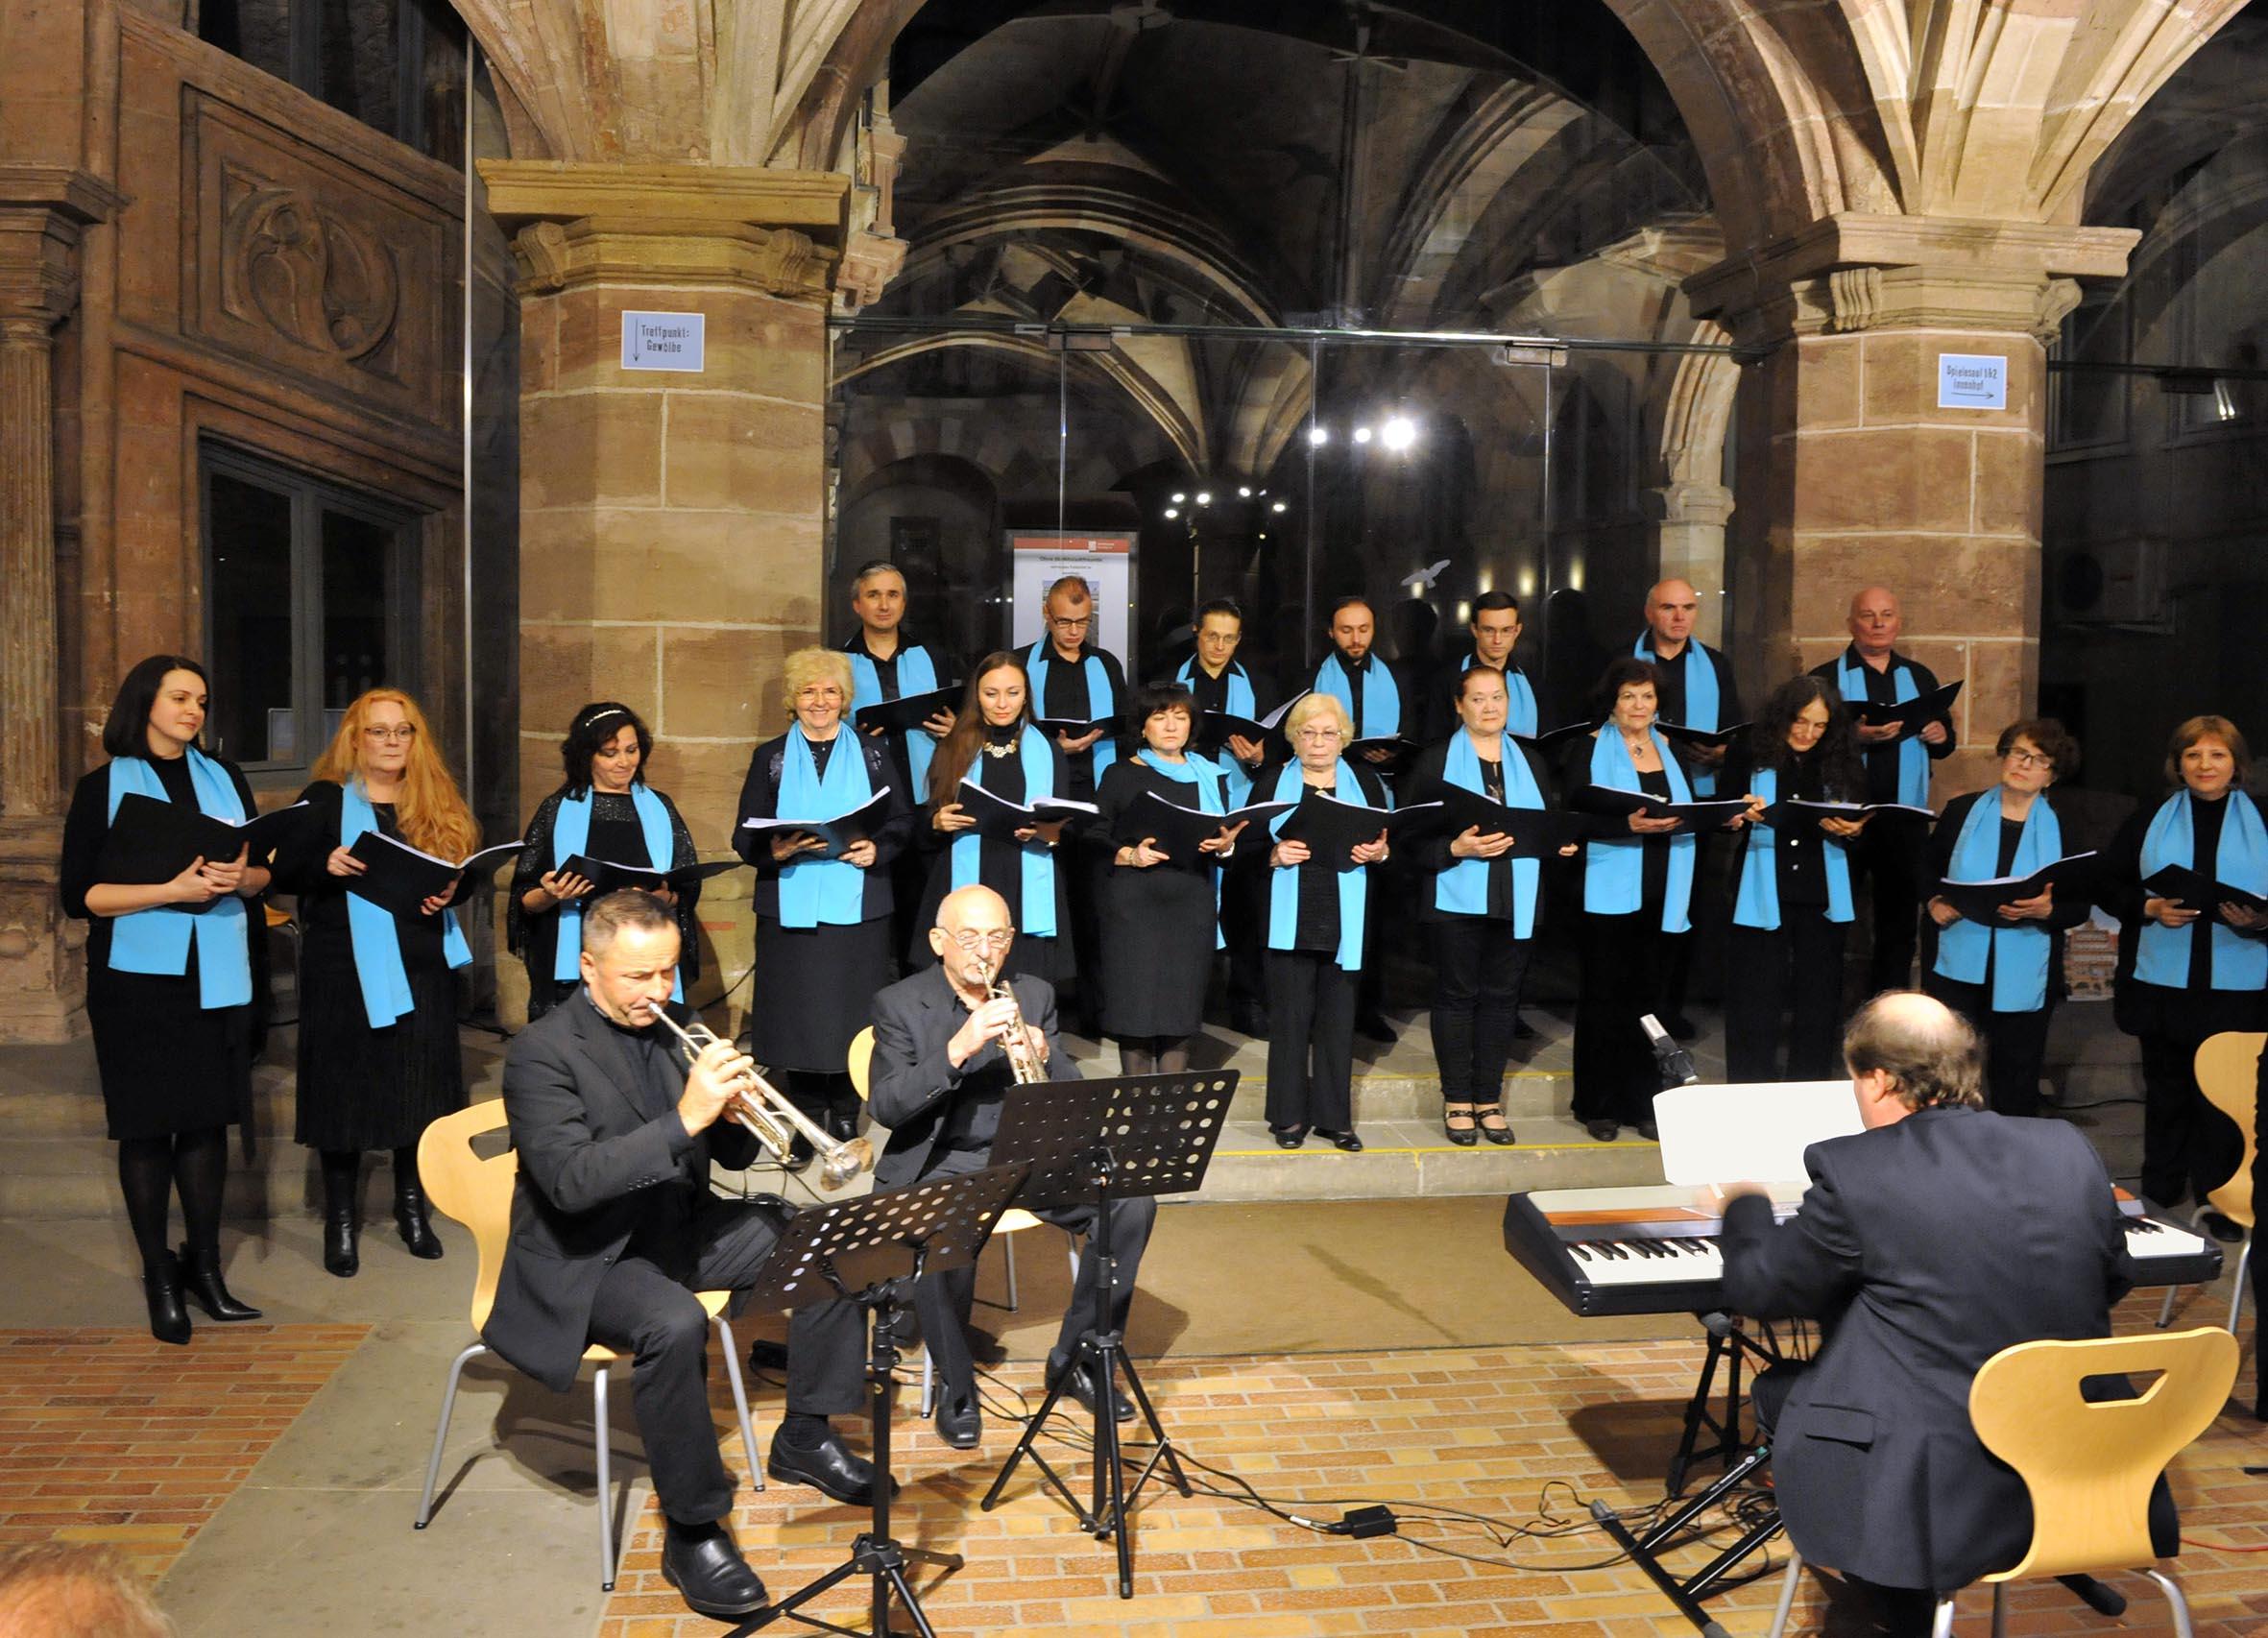 Bereits im Herbst 2017 begeisterte der Chor im ausverkauften Pellerhaus das Publikum. Foto: Archiv Altstadtfreunde, Fotograf Alexander Bruch